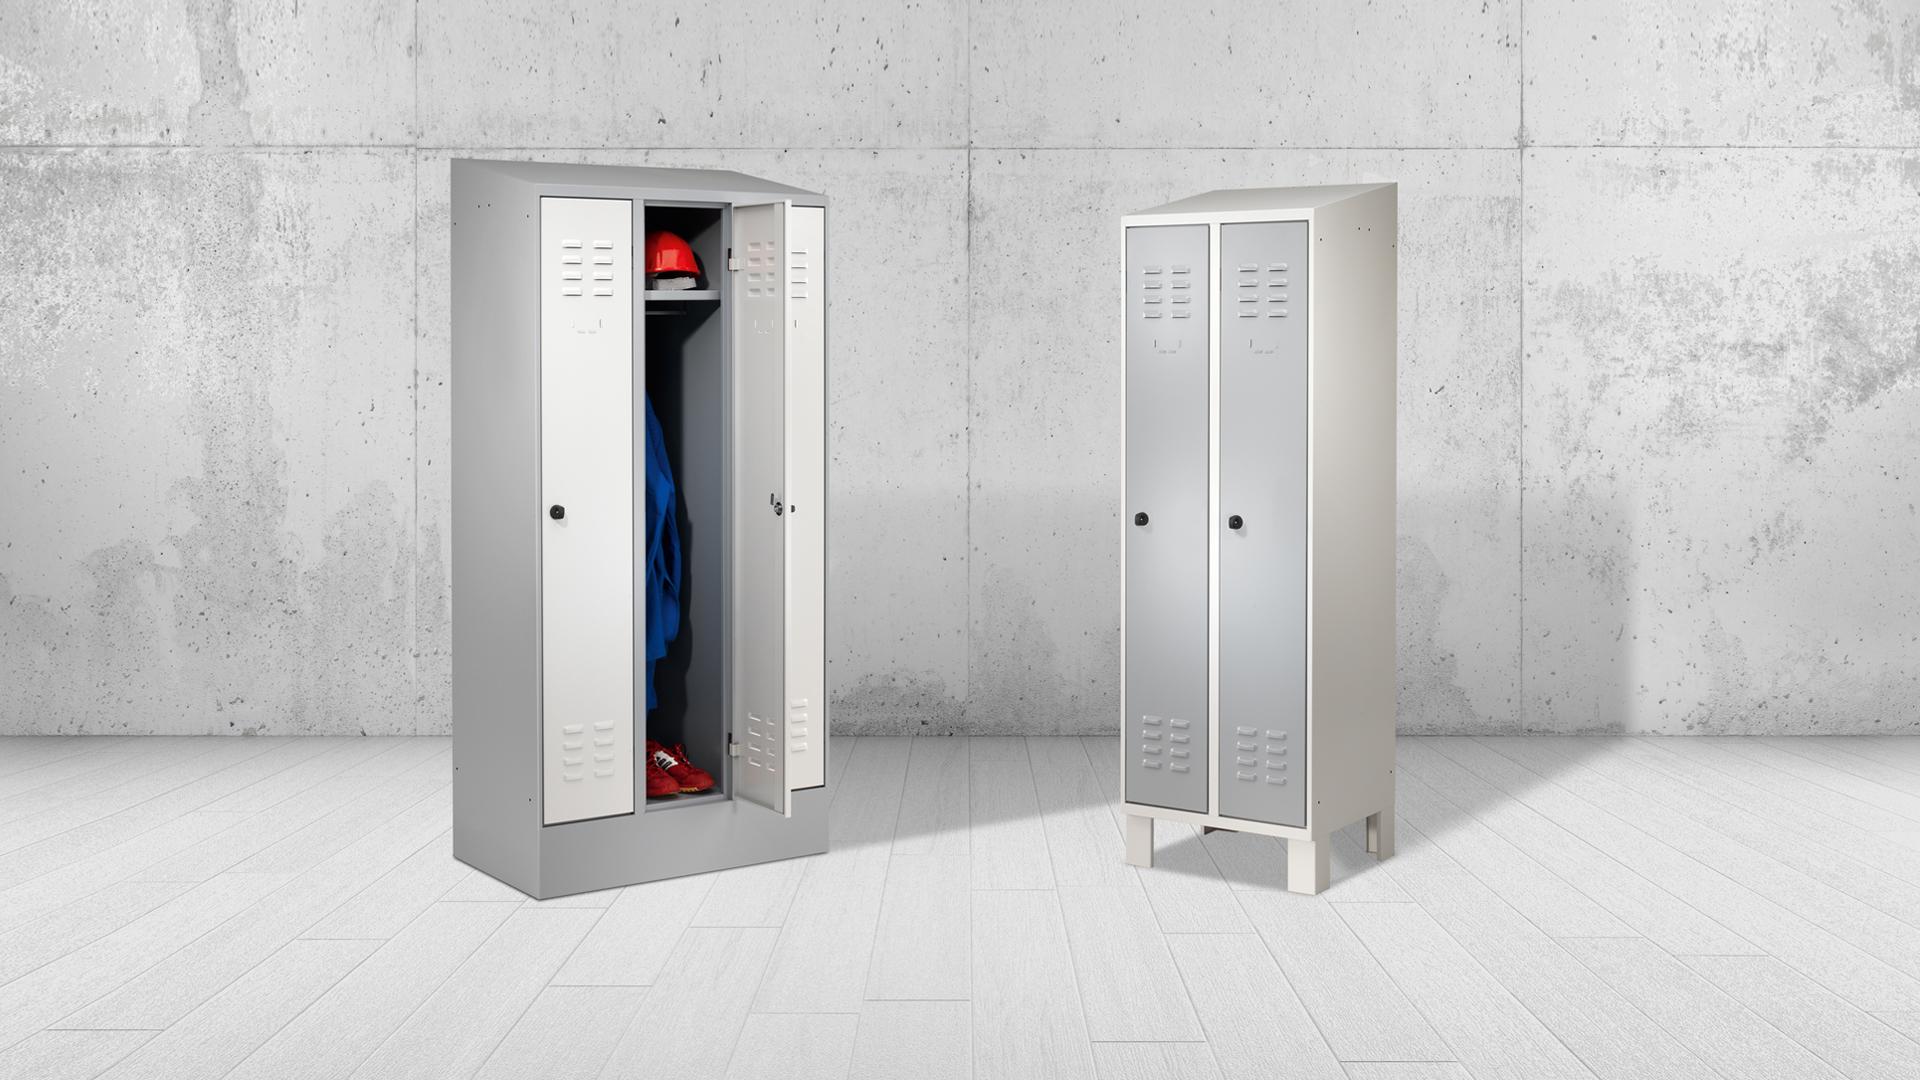 Schranksysteme-Garderobenschrank-kompakt-komfortabel-pitch-GS-mauser-sliderYNPfwvU1O5qoG